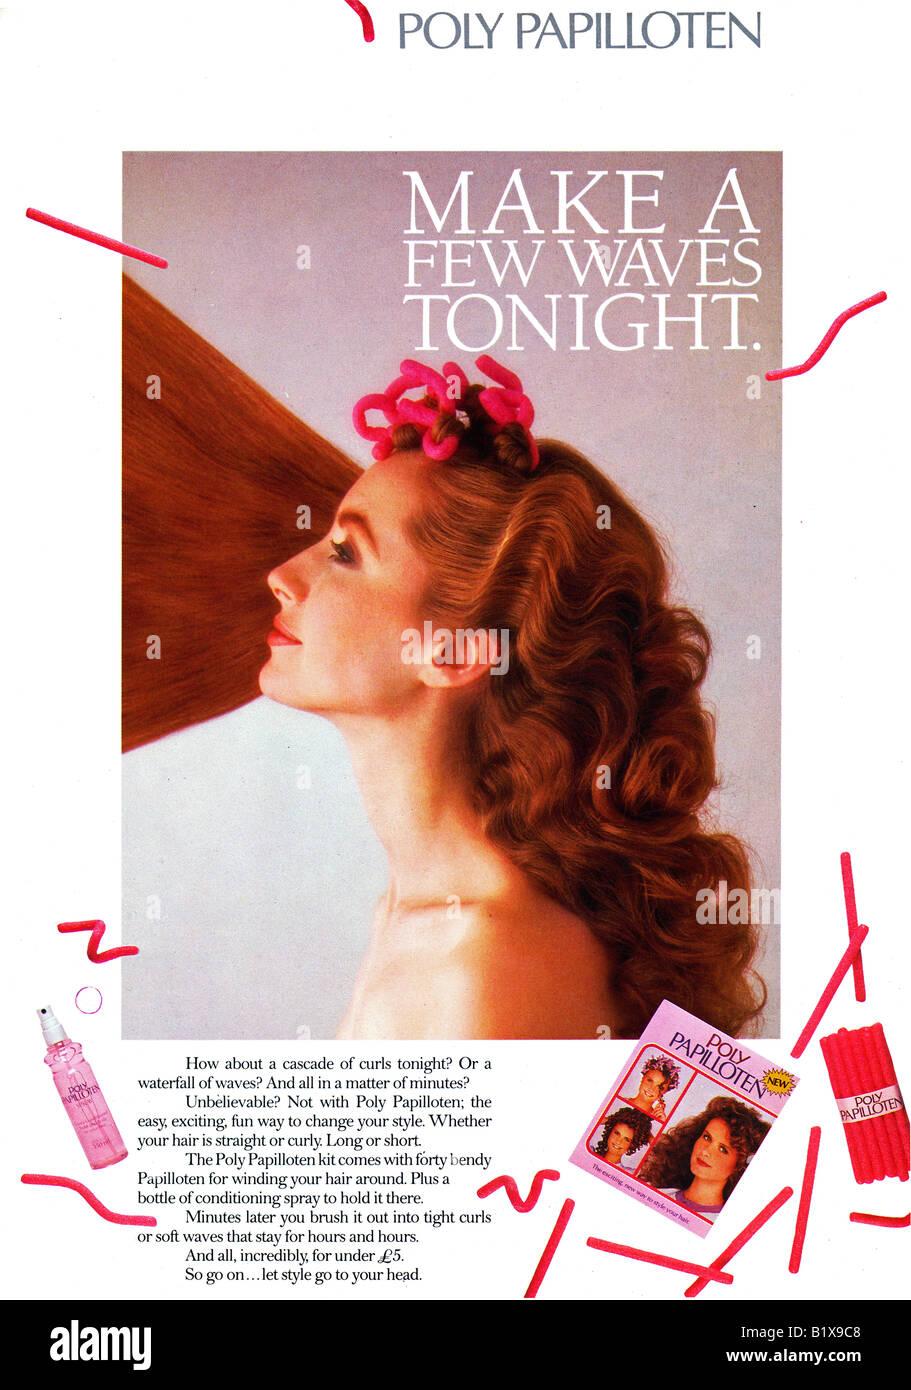 1980er Jahre Werbung für Haar-Styling-Produkte für Eisstockschießen oder winken von Polly Papilloten Stockbild